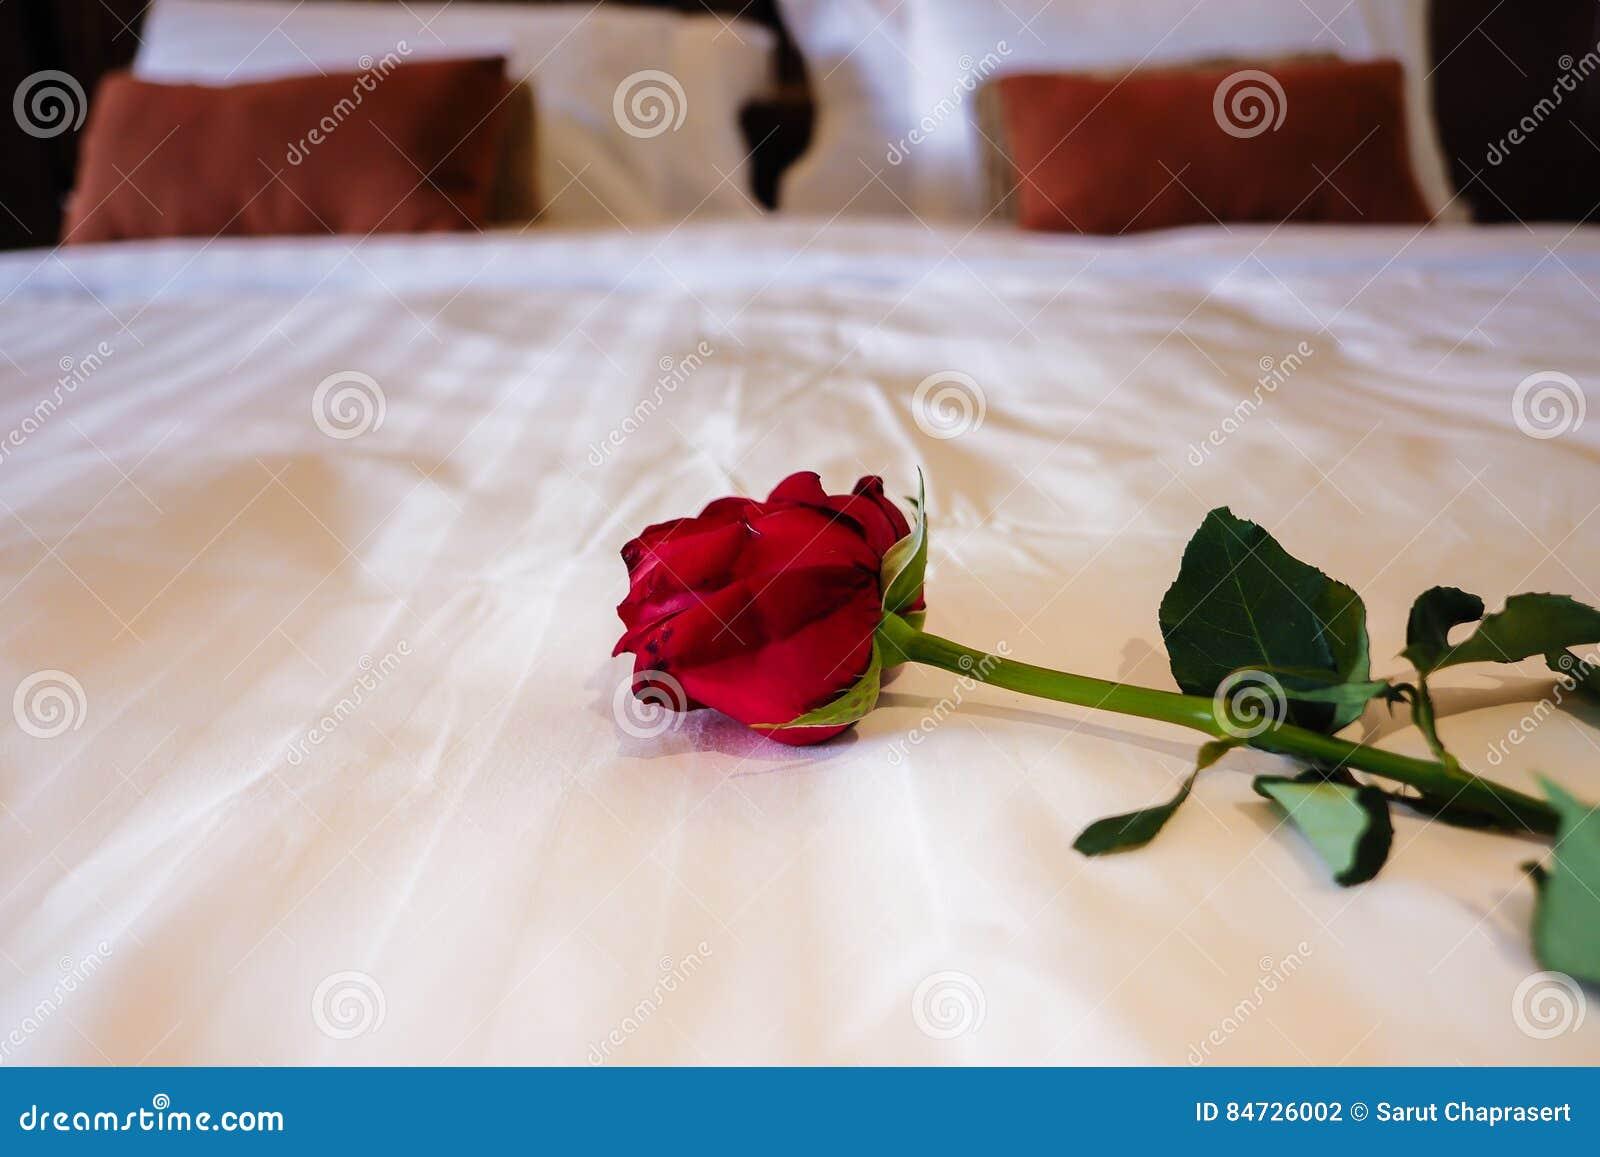 Красивые розы на кровати фото 516-228